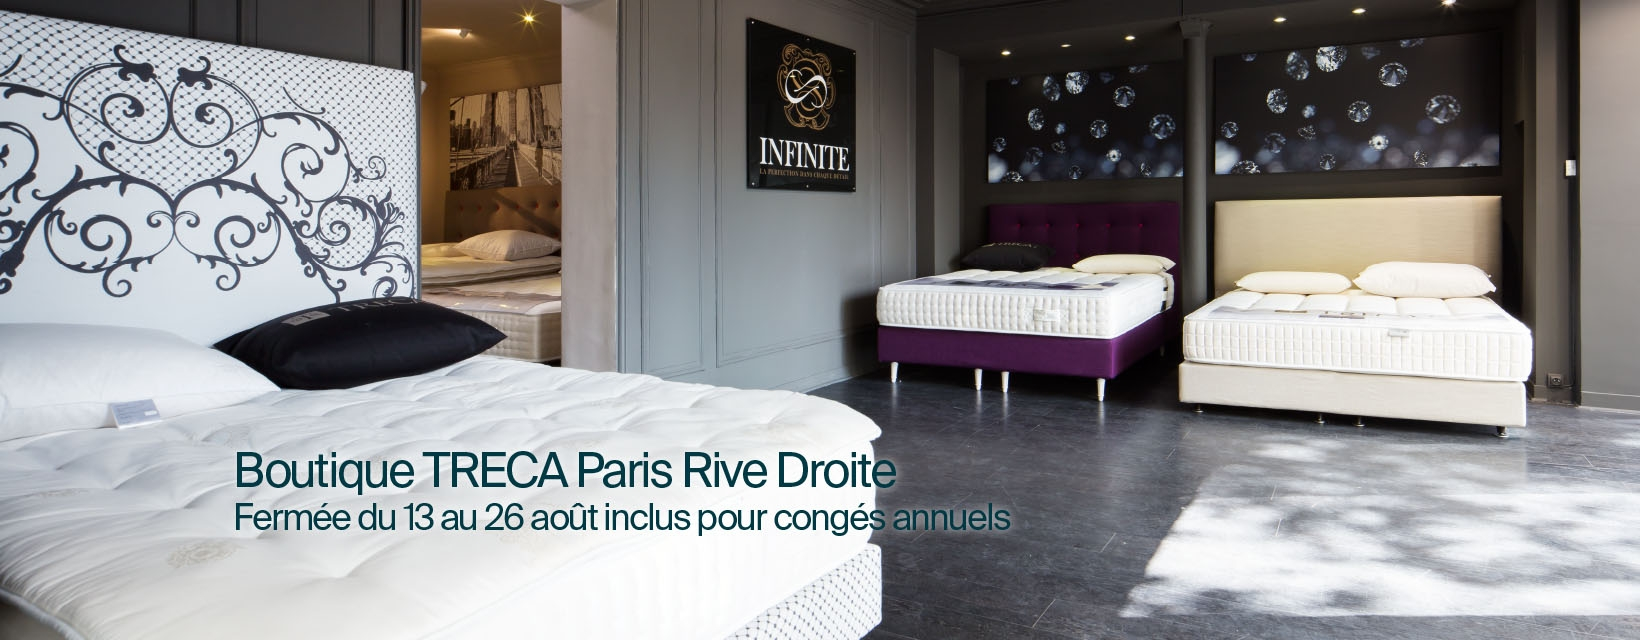 BOUTIQUE TRECA PARIS RIVE DROITE